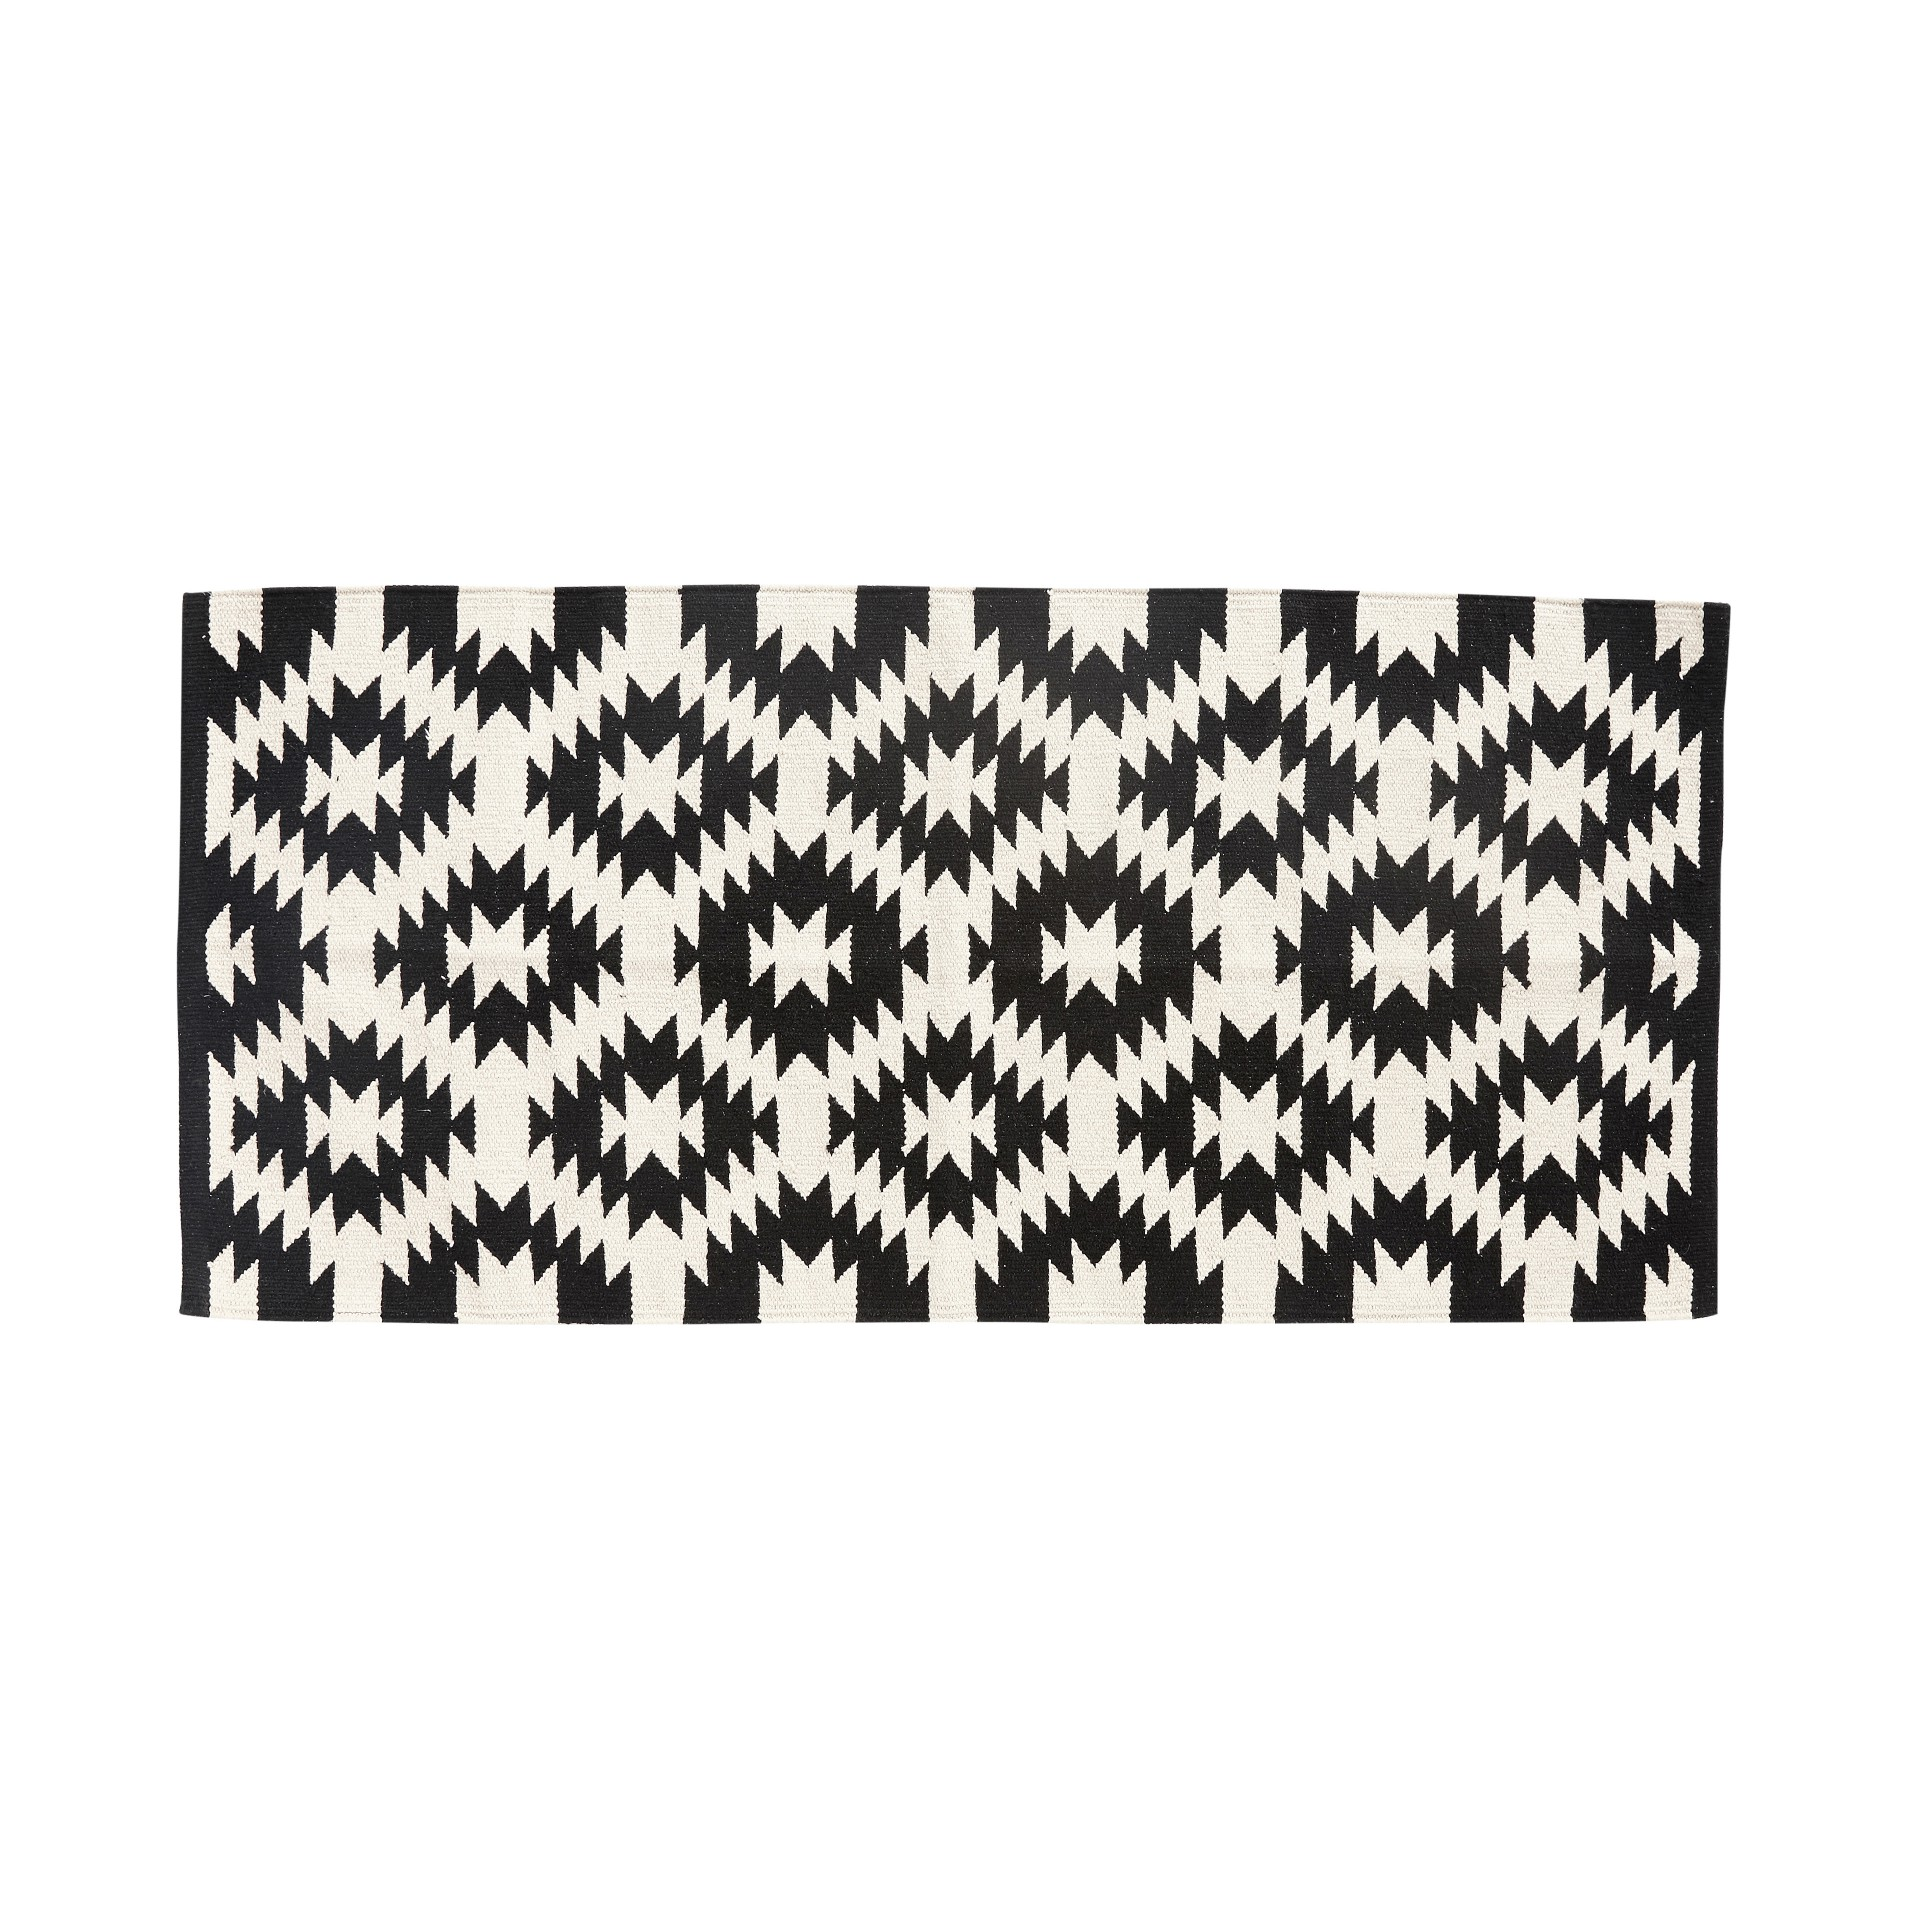 teppich gewebt baumwolle schwarz wei von h bsch online kaufen. Black Bedroom Furniture Sets. Home Design Ideas